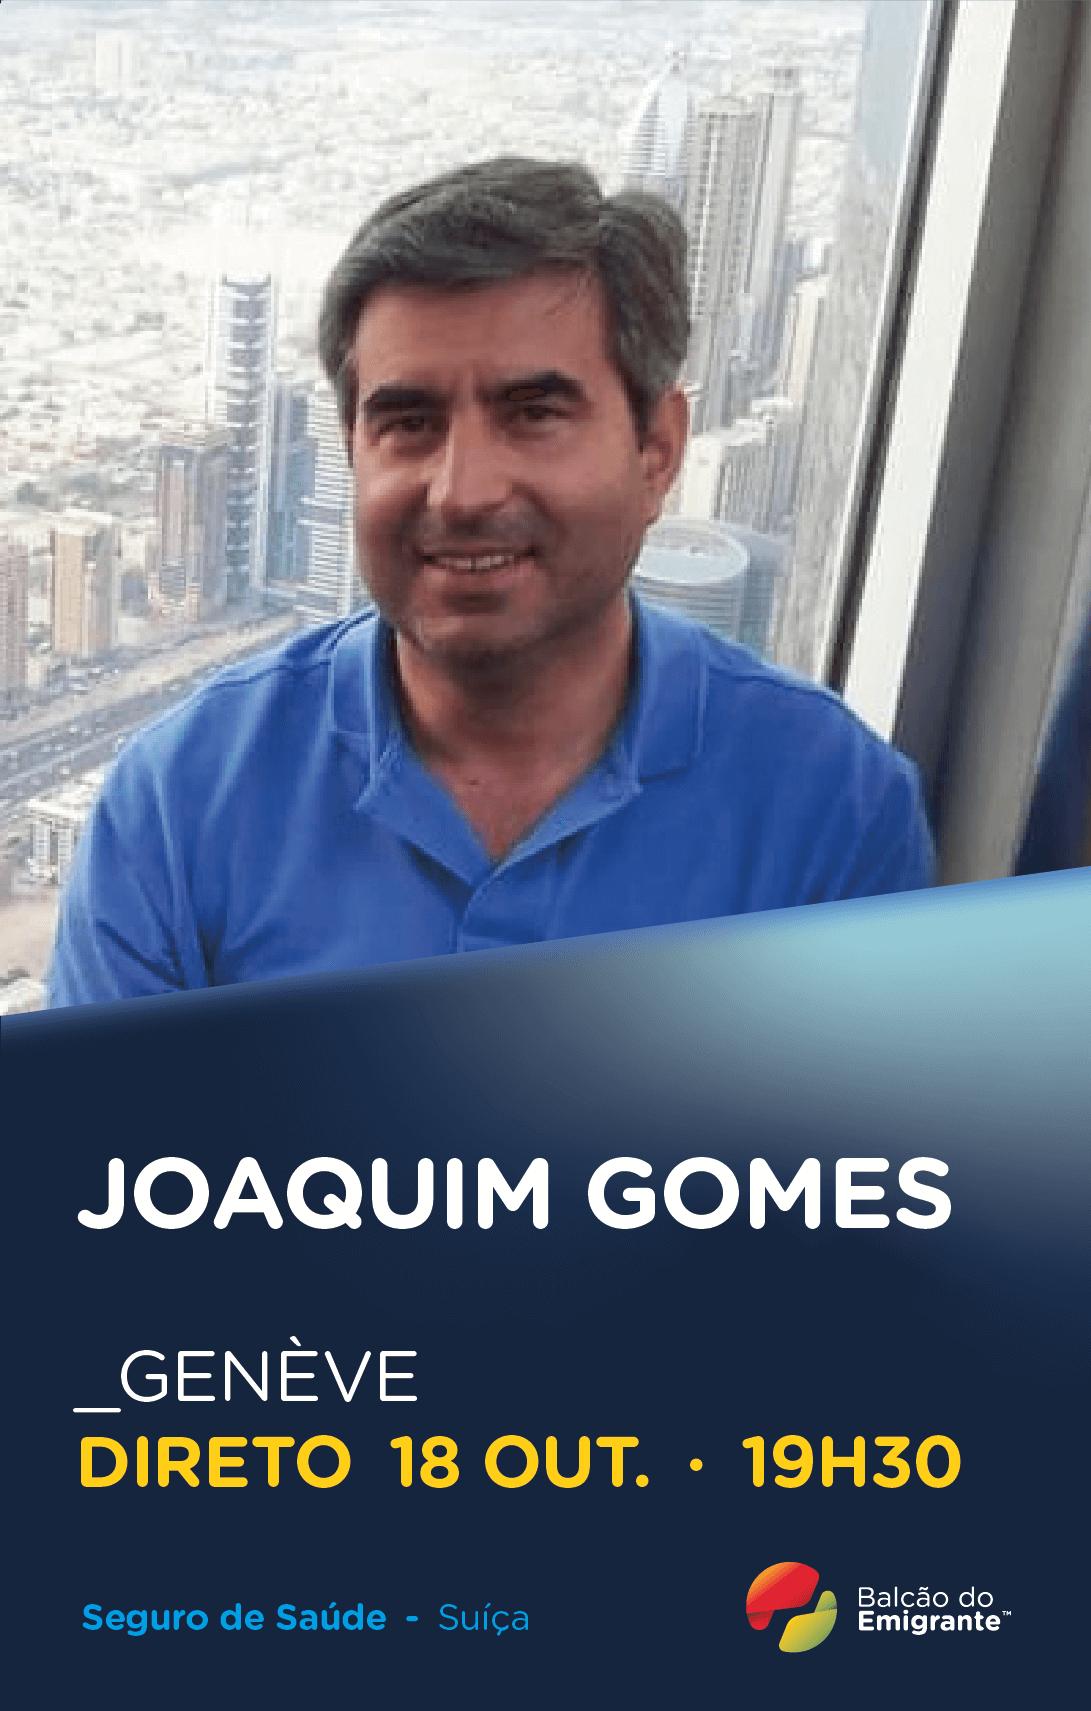 Joaquim Gomes - Especialista em Seguro de Saúde em Genève